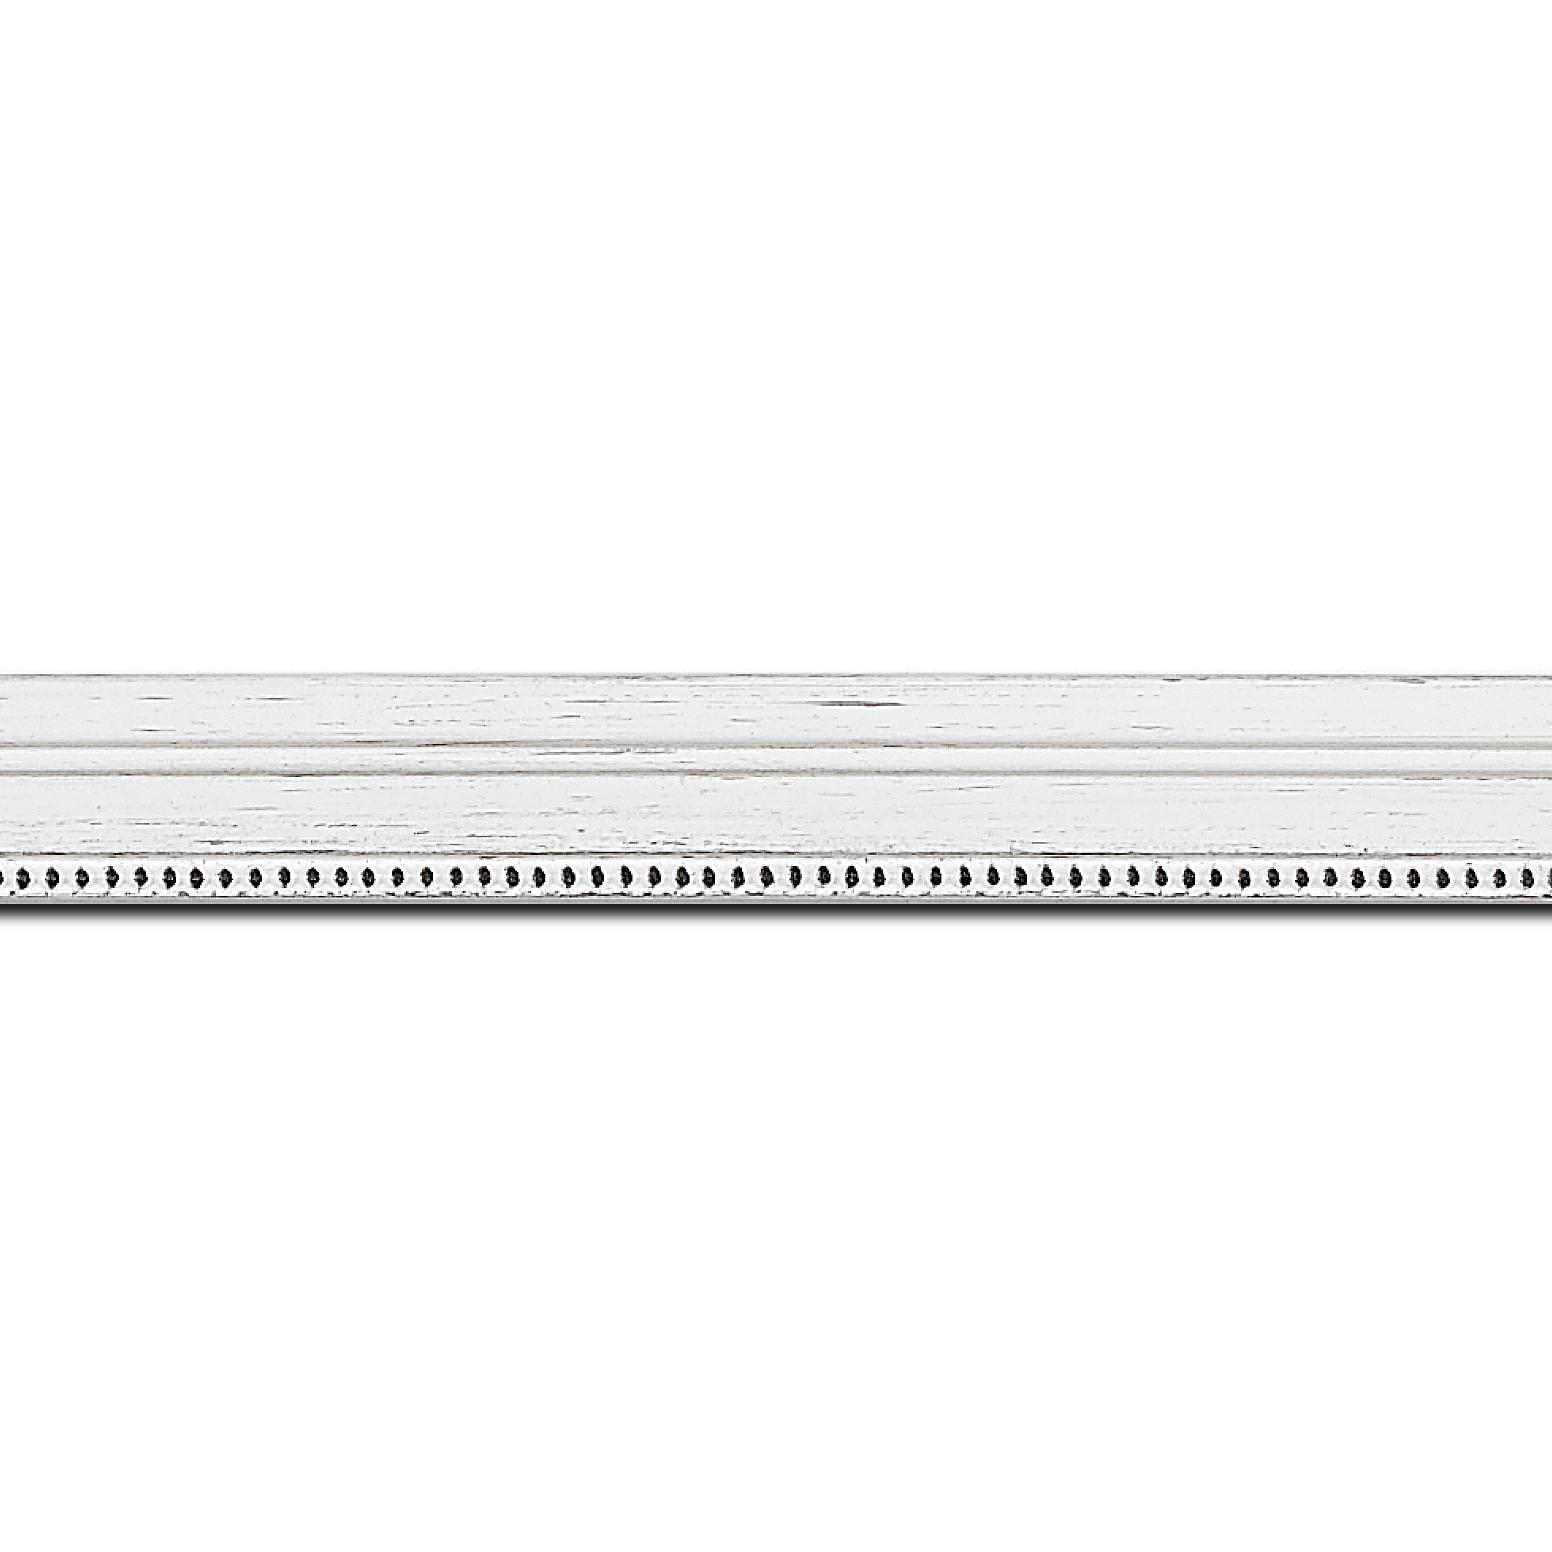 Baguette longueur 1.40m bois profil plat en étage largeur 2.2cm couleur blanchie filet perle